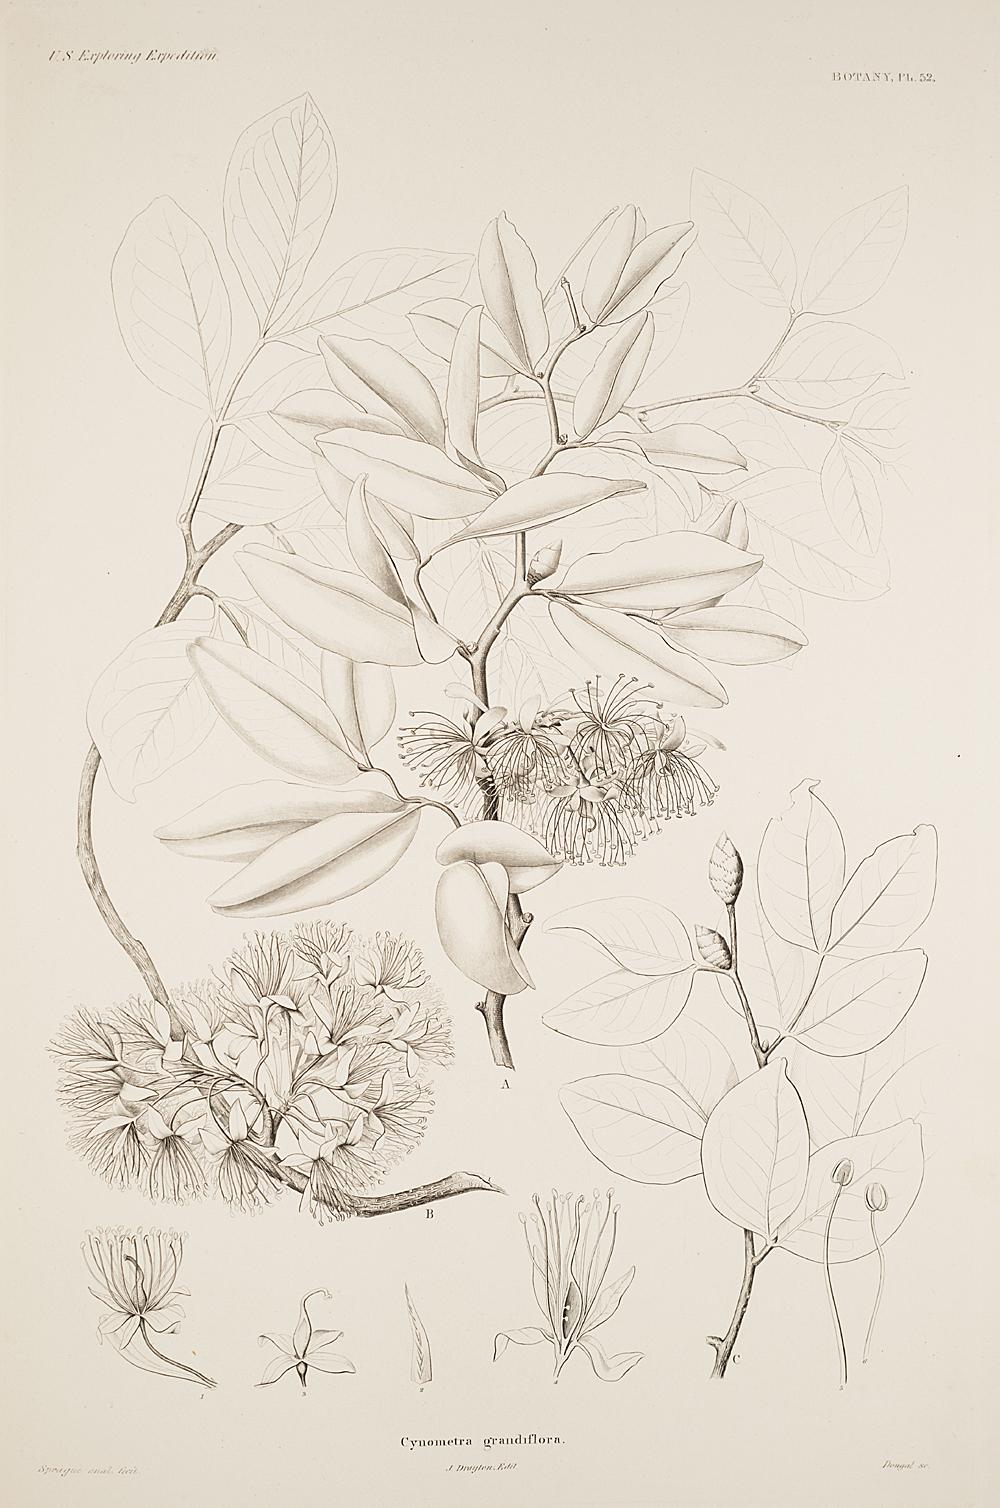 Botany, Pl. 52,  Image number:sil19-23-115b